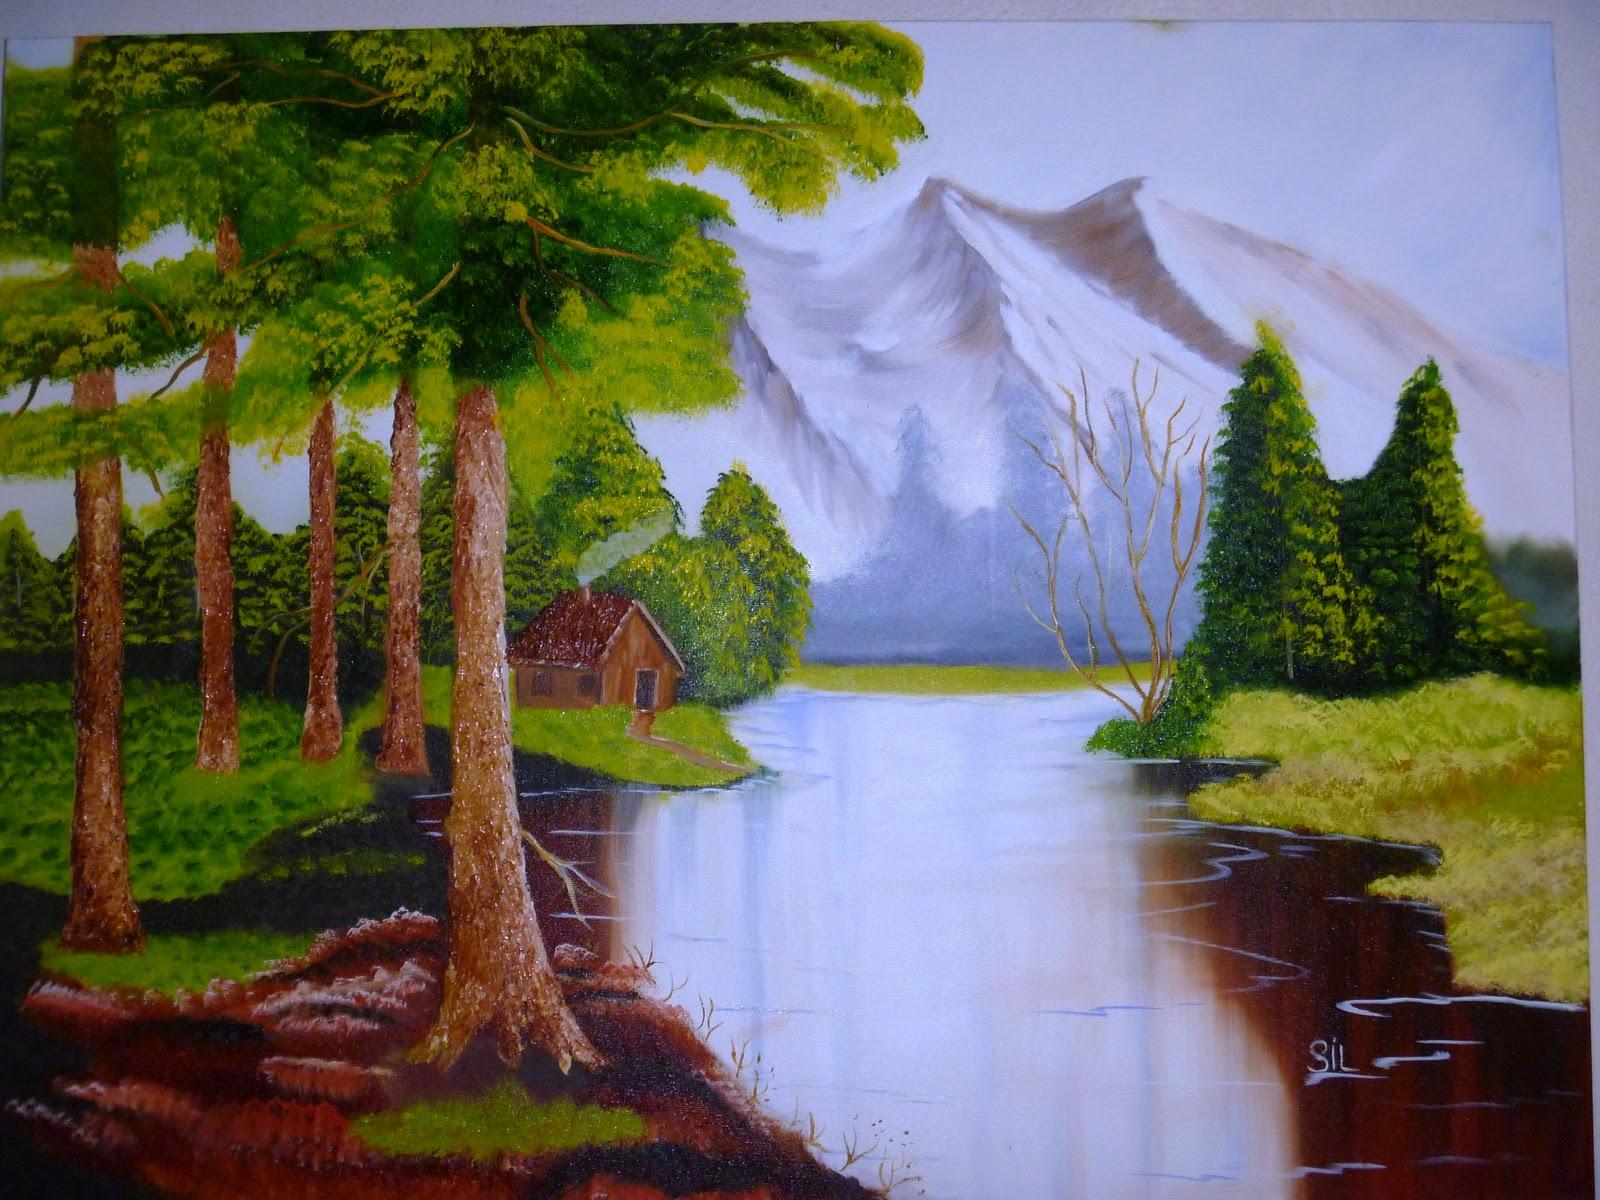 http://4.bp.blogspot.com/-PvkA705ffm8/TZD3ISfOuxI/AAAAAAAAAUw/e-uynSoK38s/s1600/P1000907.JPG